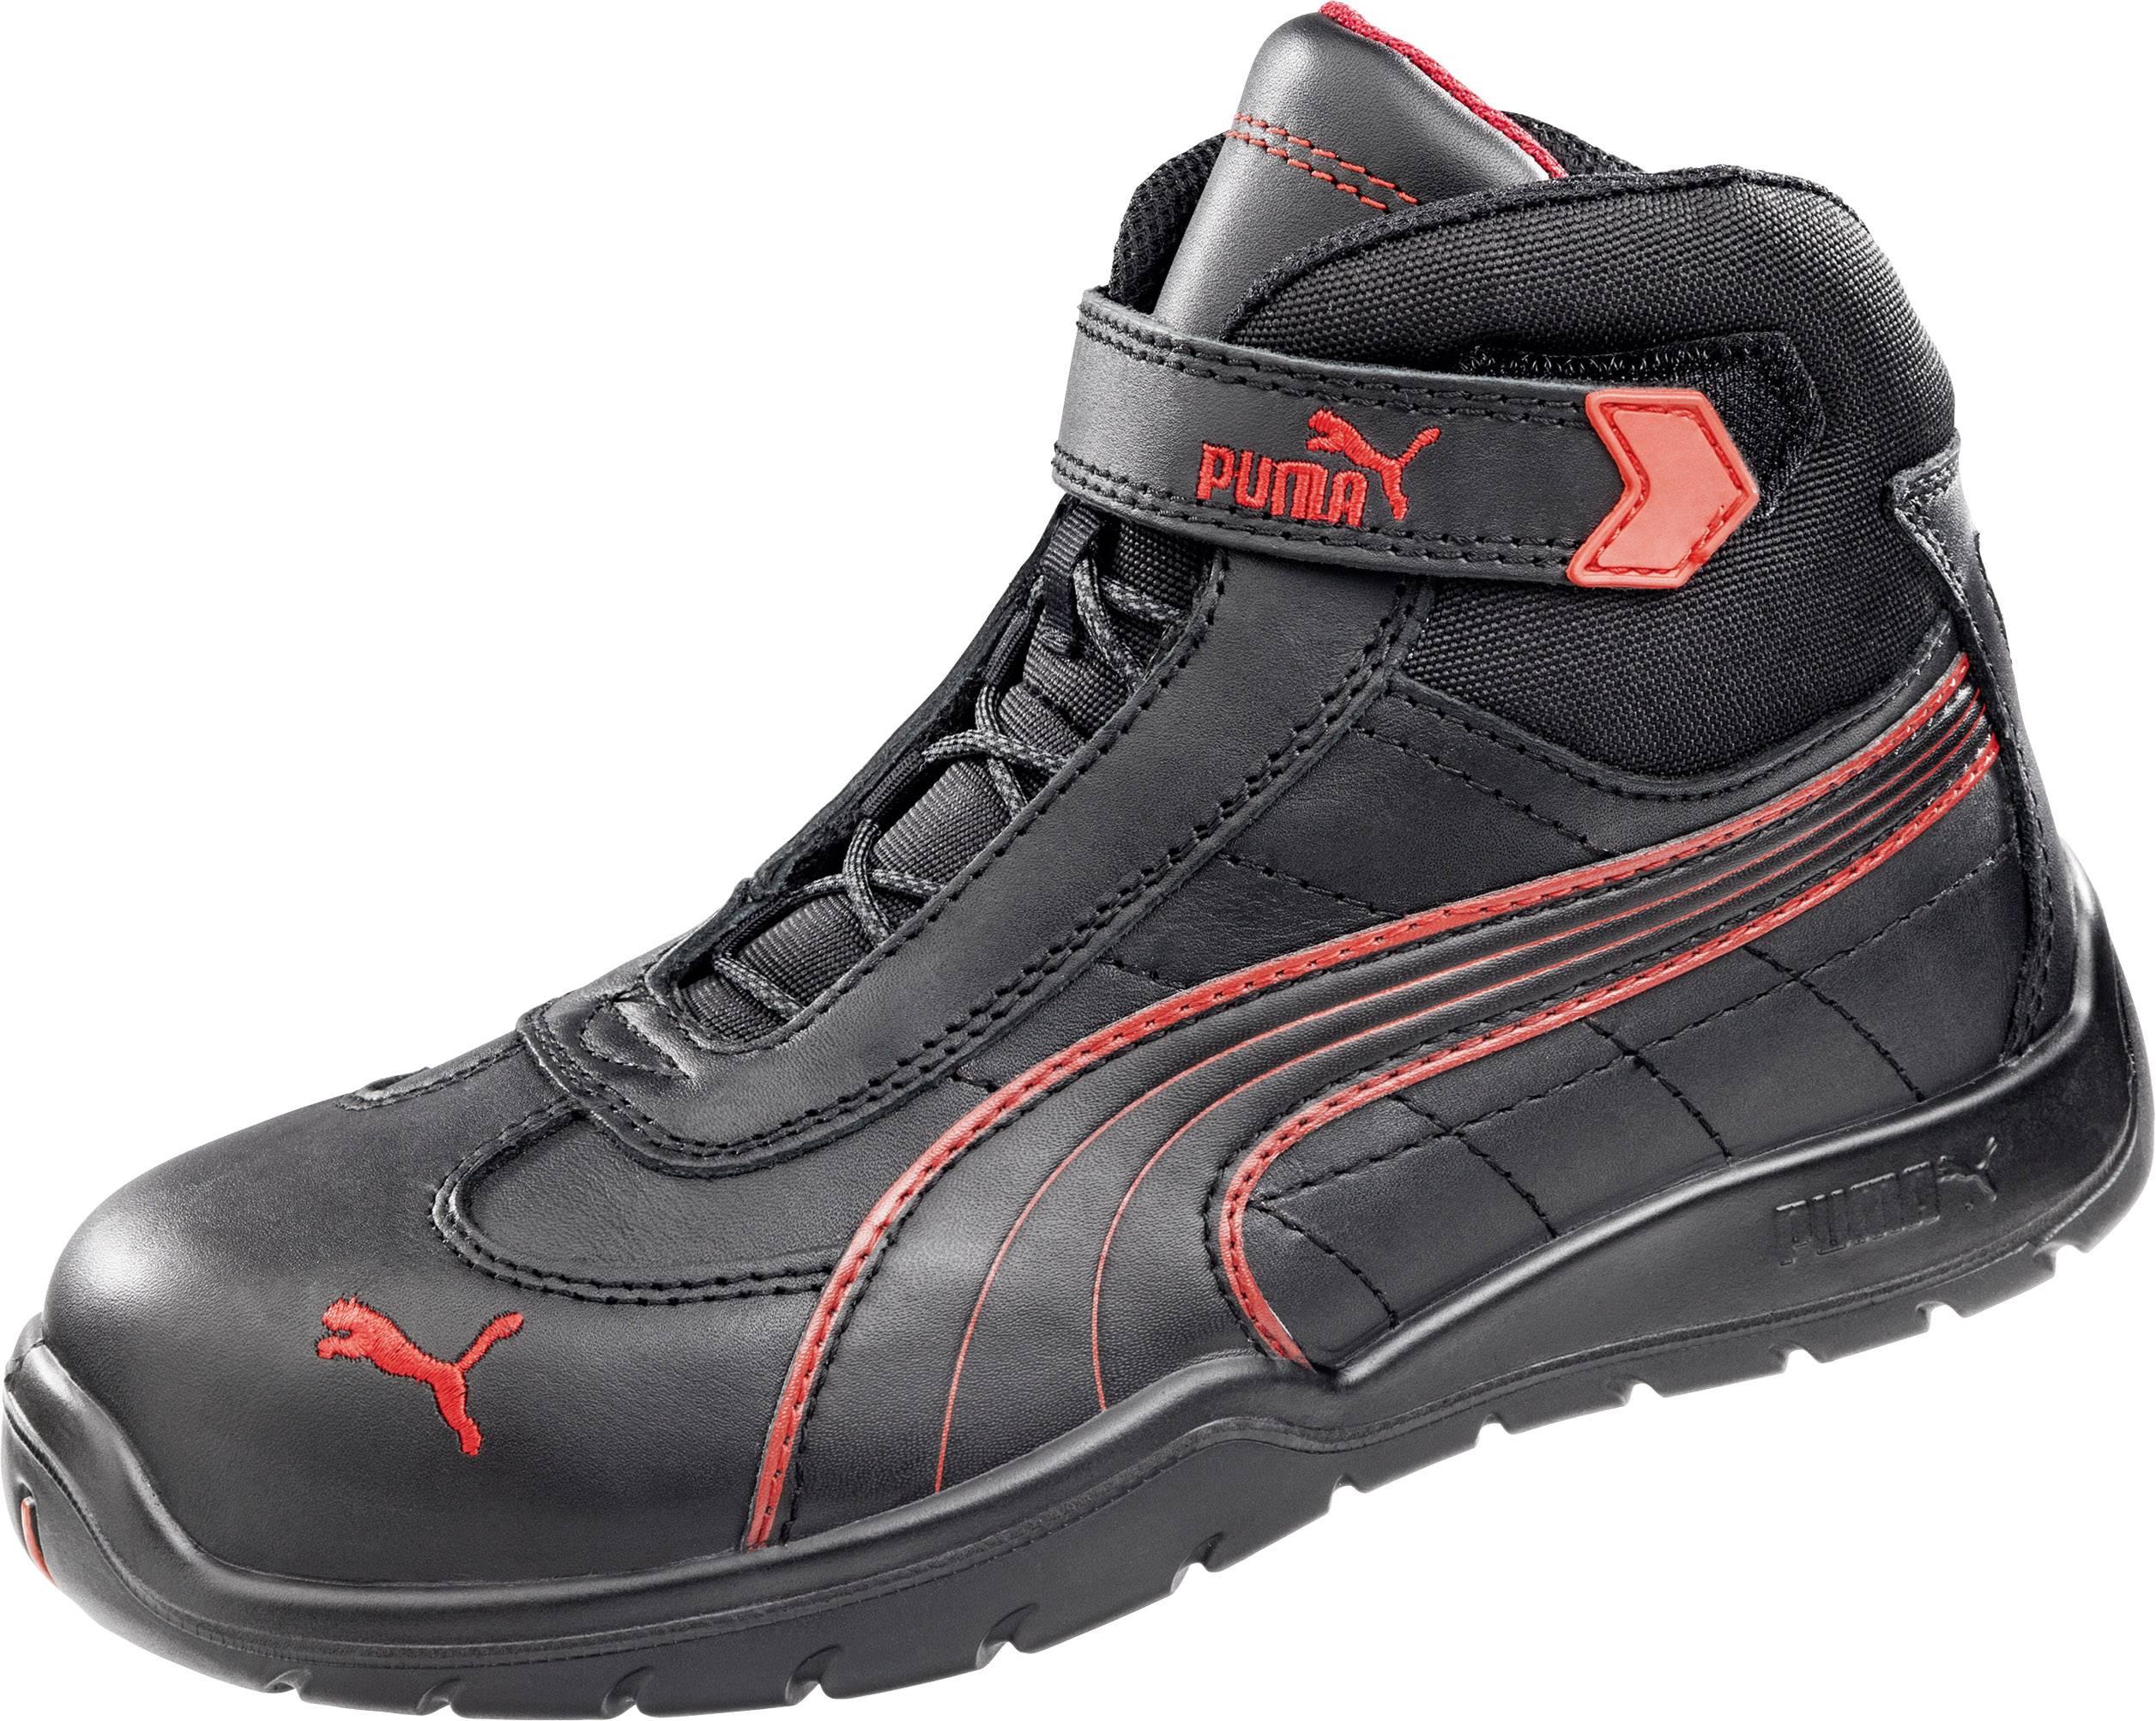 PUMA Safety DAYTONA MID HRO SRC 632160 Chaussures montantes de sécurité S3 Taille: 46 noir 1 paire